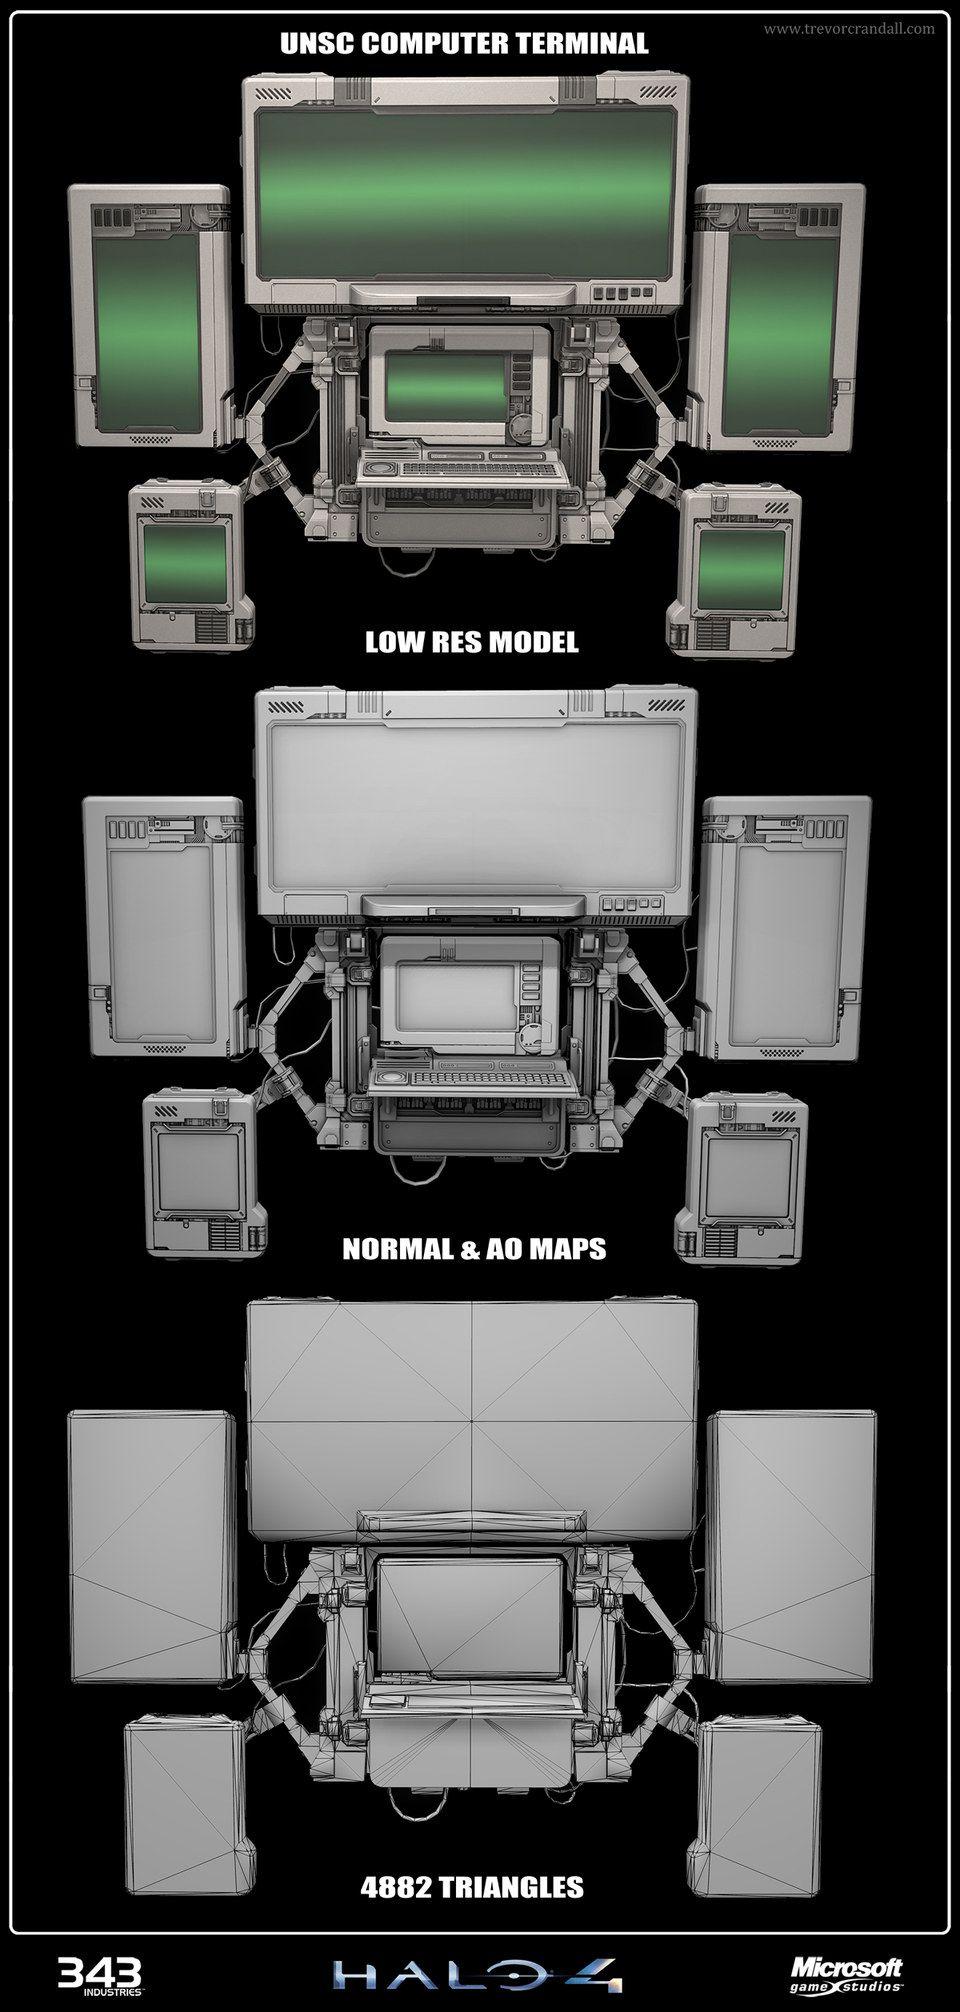 Halo 4 Sci Fi Props Sci Fi Environment Sci Fi News